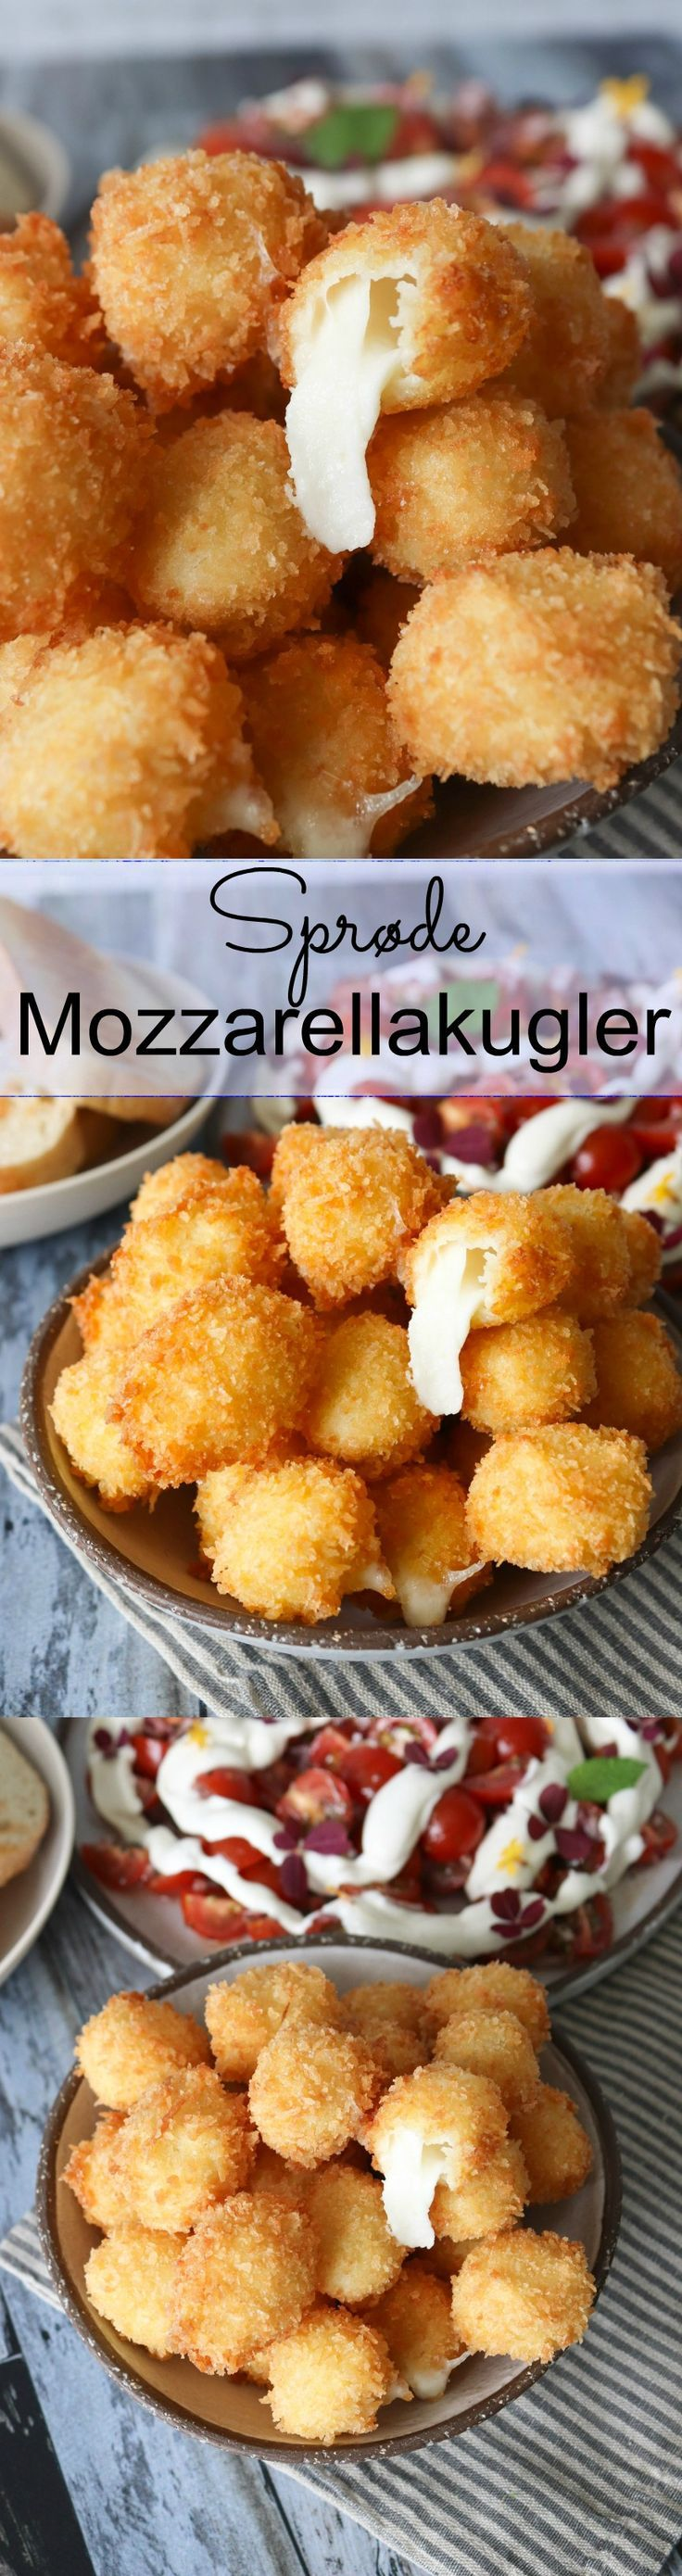 Friterede Mozzarellakugler - Sprøde Ostekugler #tapasideer